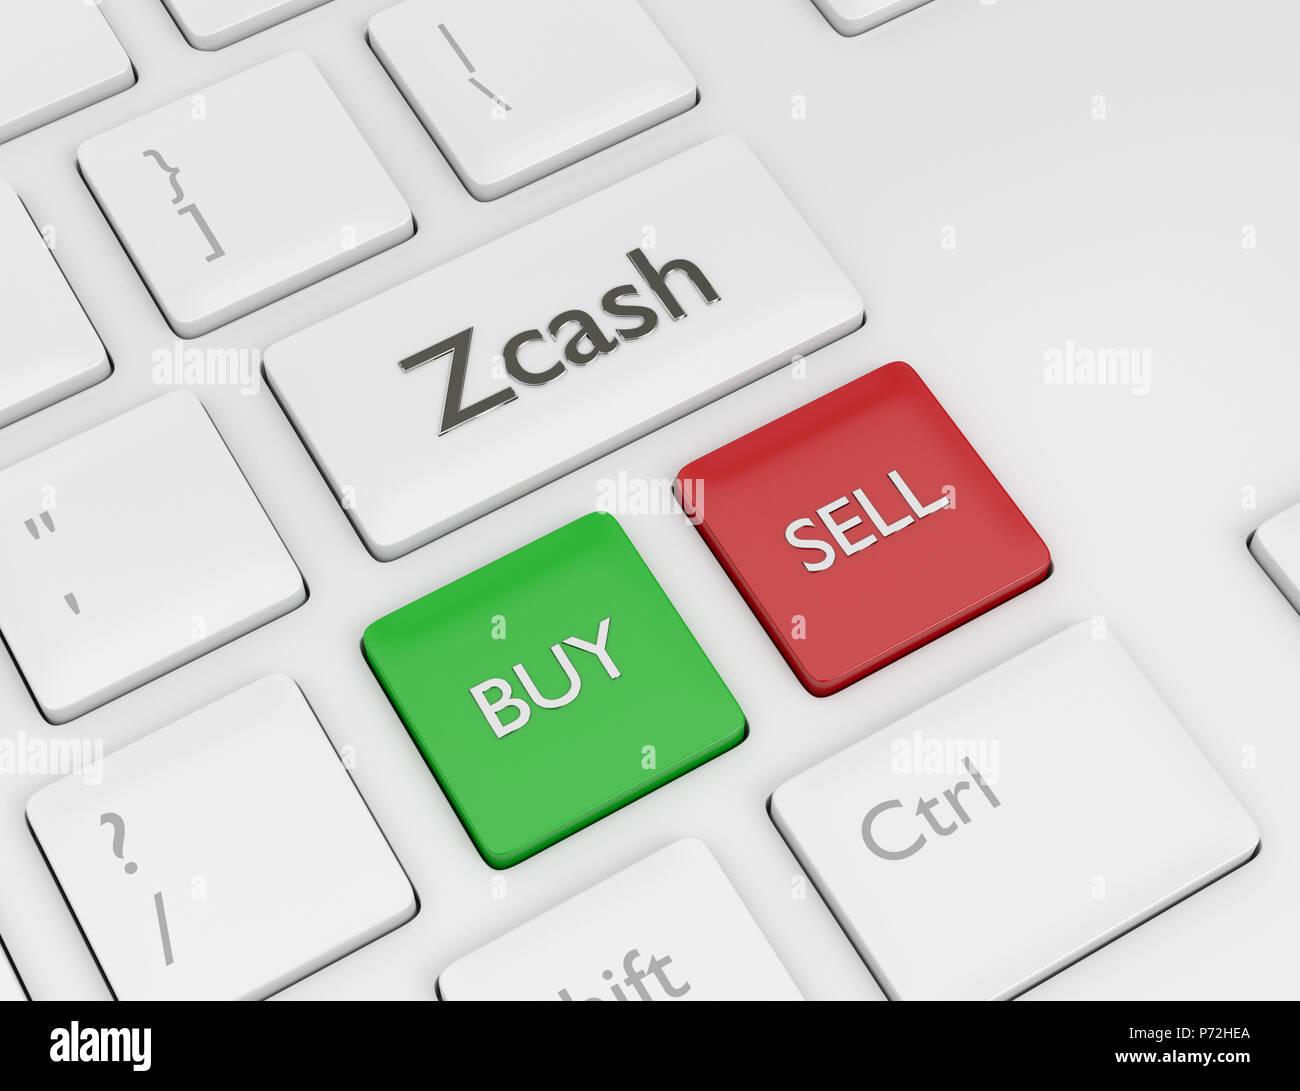 3D Render de teclado de ordenador con Zcash botón. Concepto Cryptocurrencies. Imagen De Stock